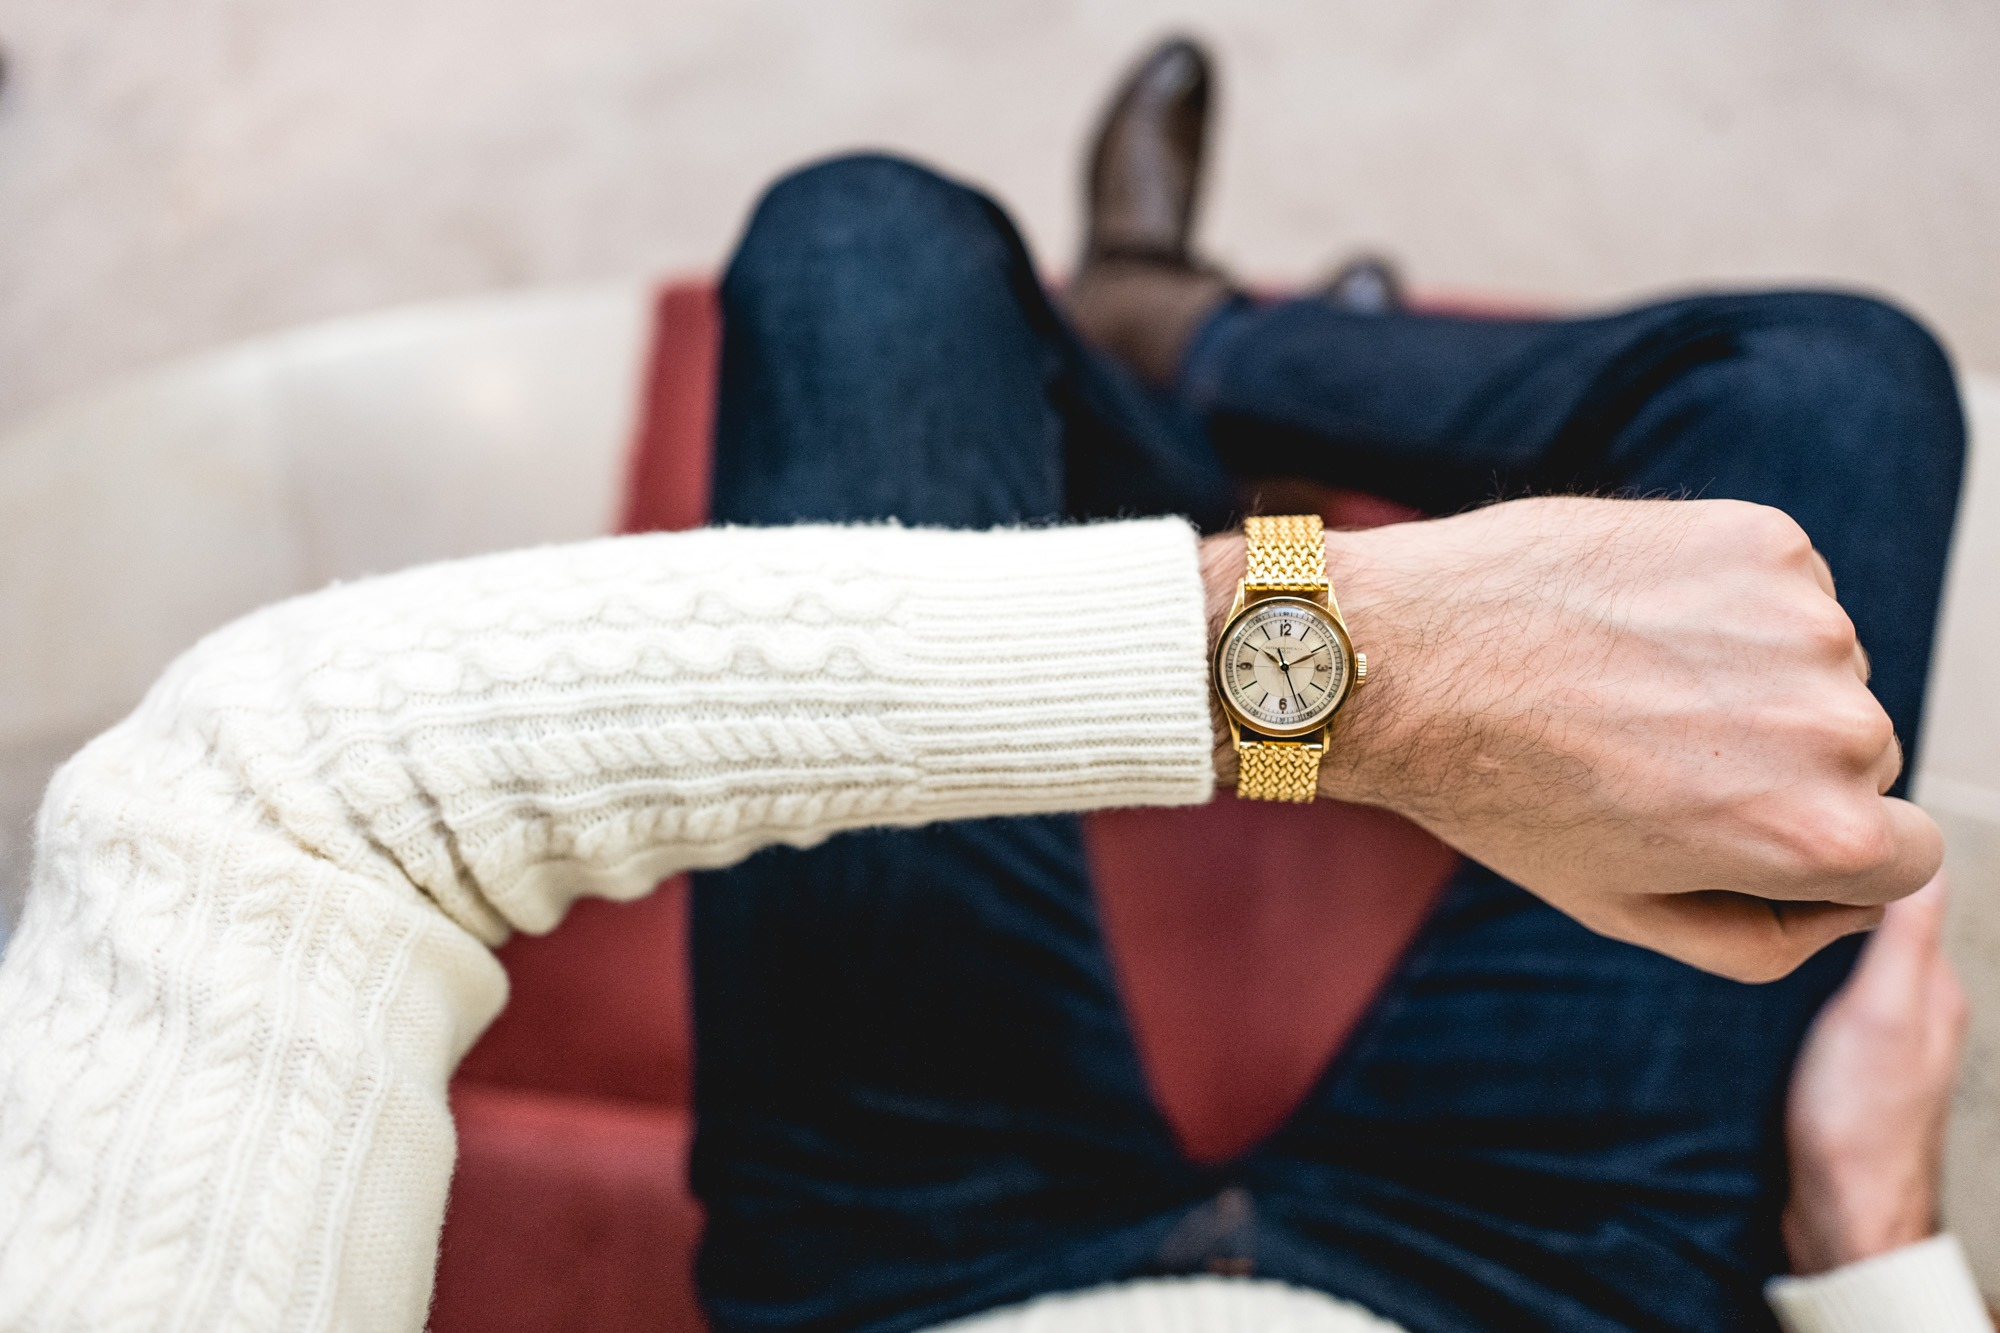 Tajan - Vente de montres du 11 décembre - Patek Philippe Calatrava